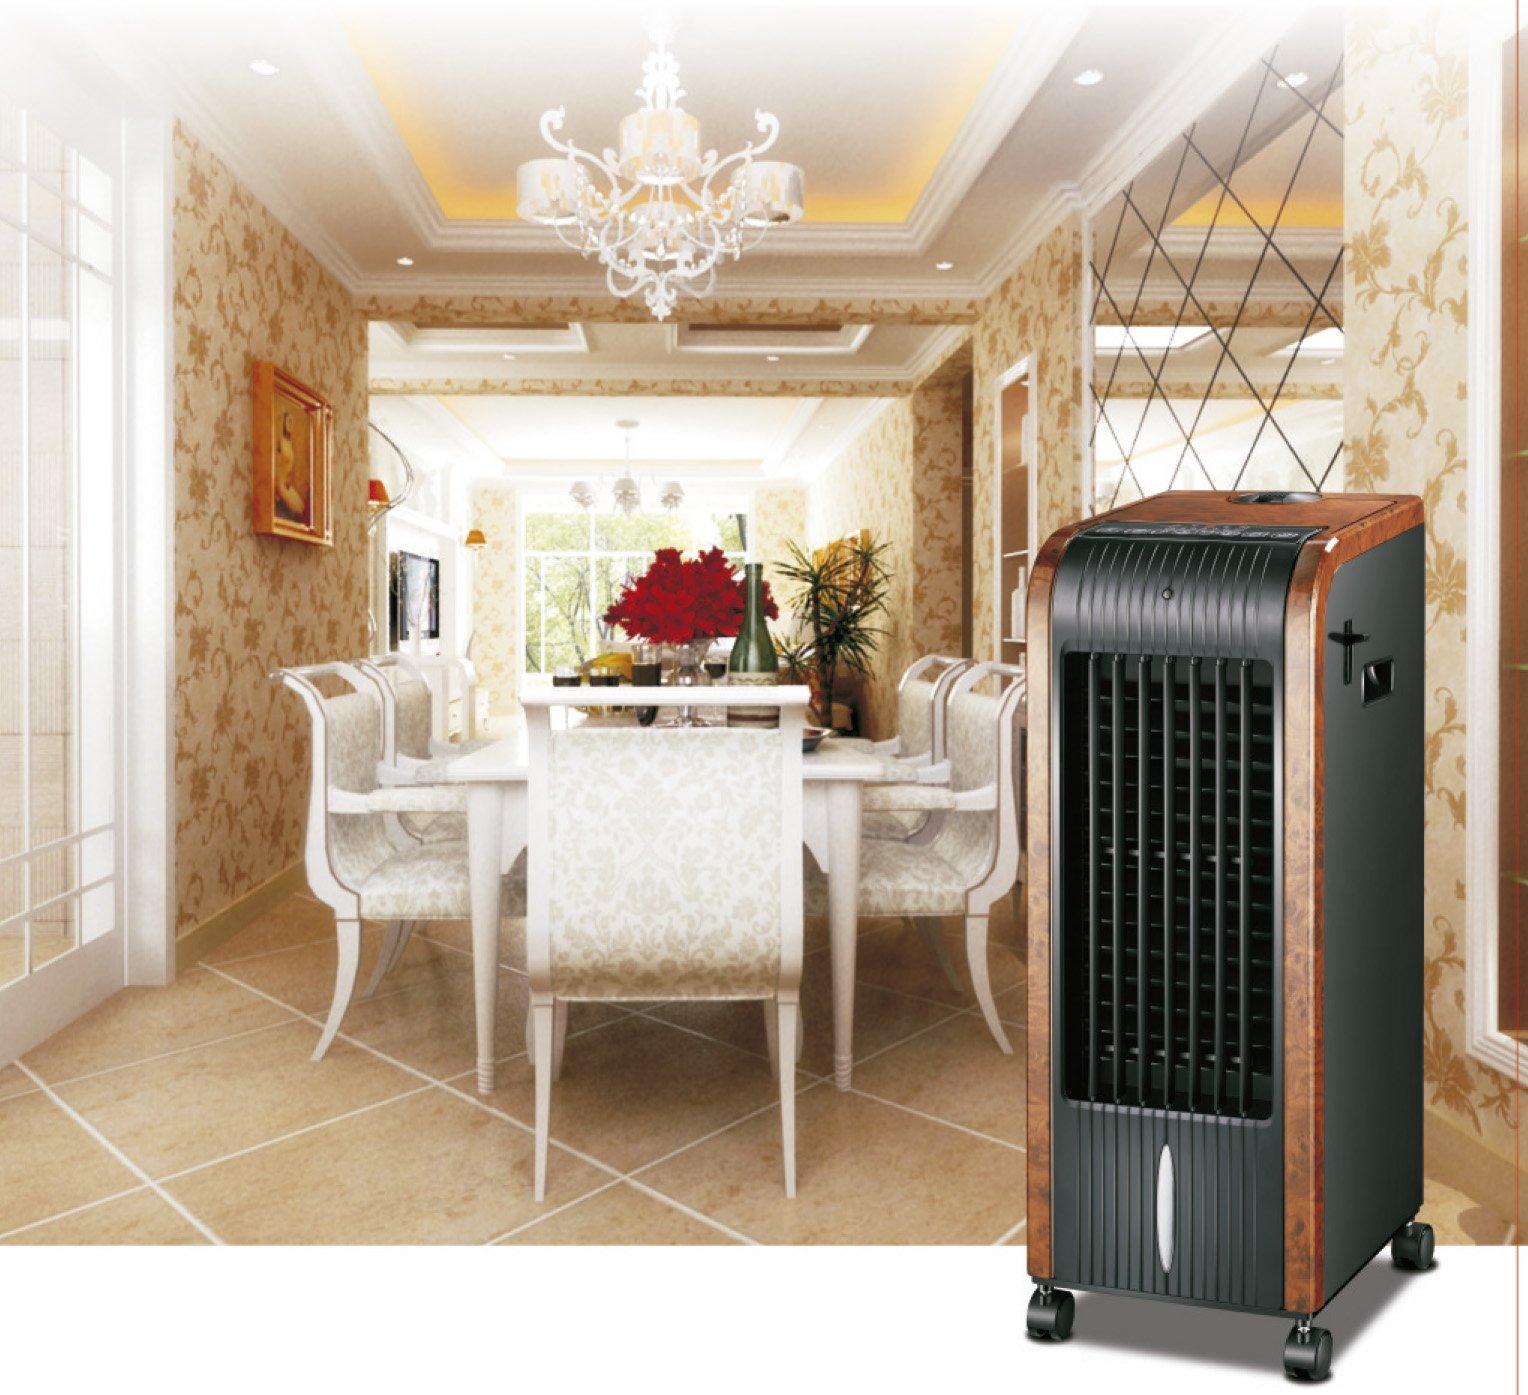 JRD Climatizador Acondicionador Frio y Calor Multifunción digital ...